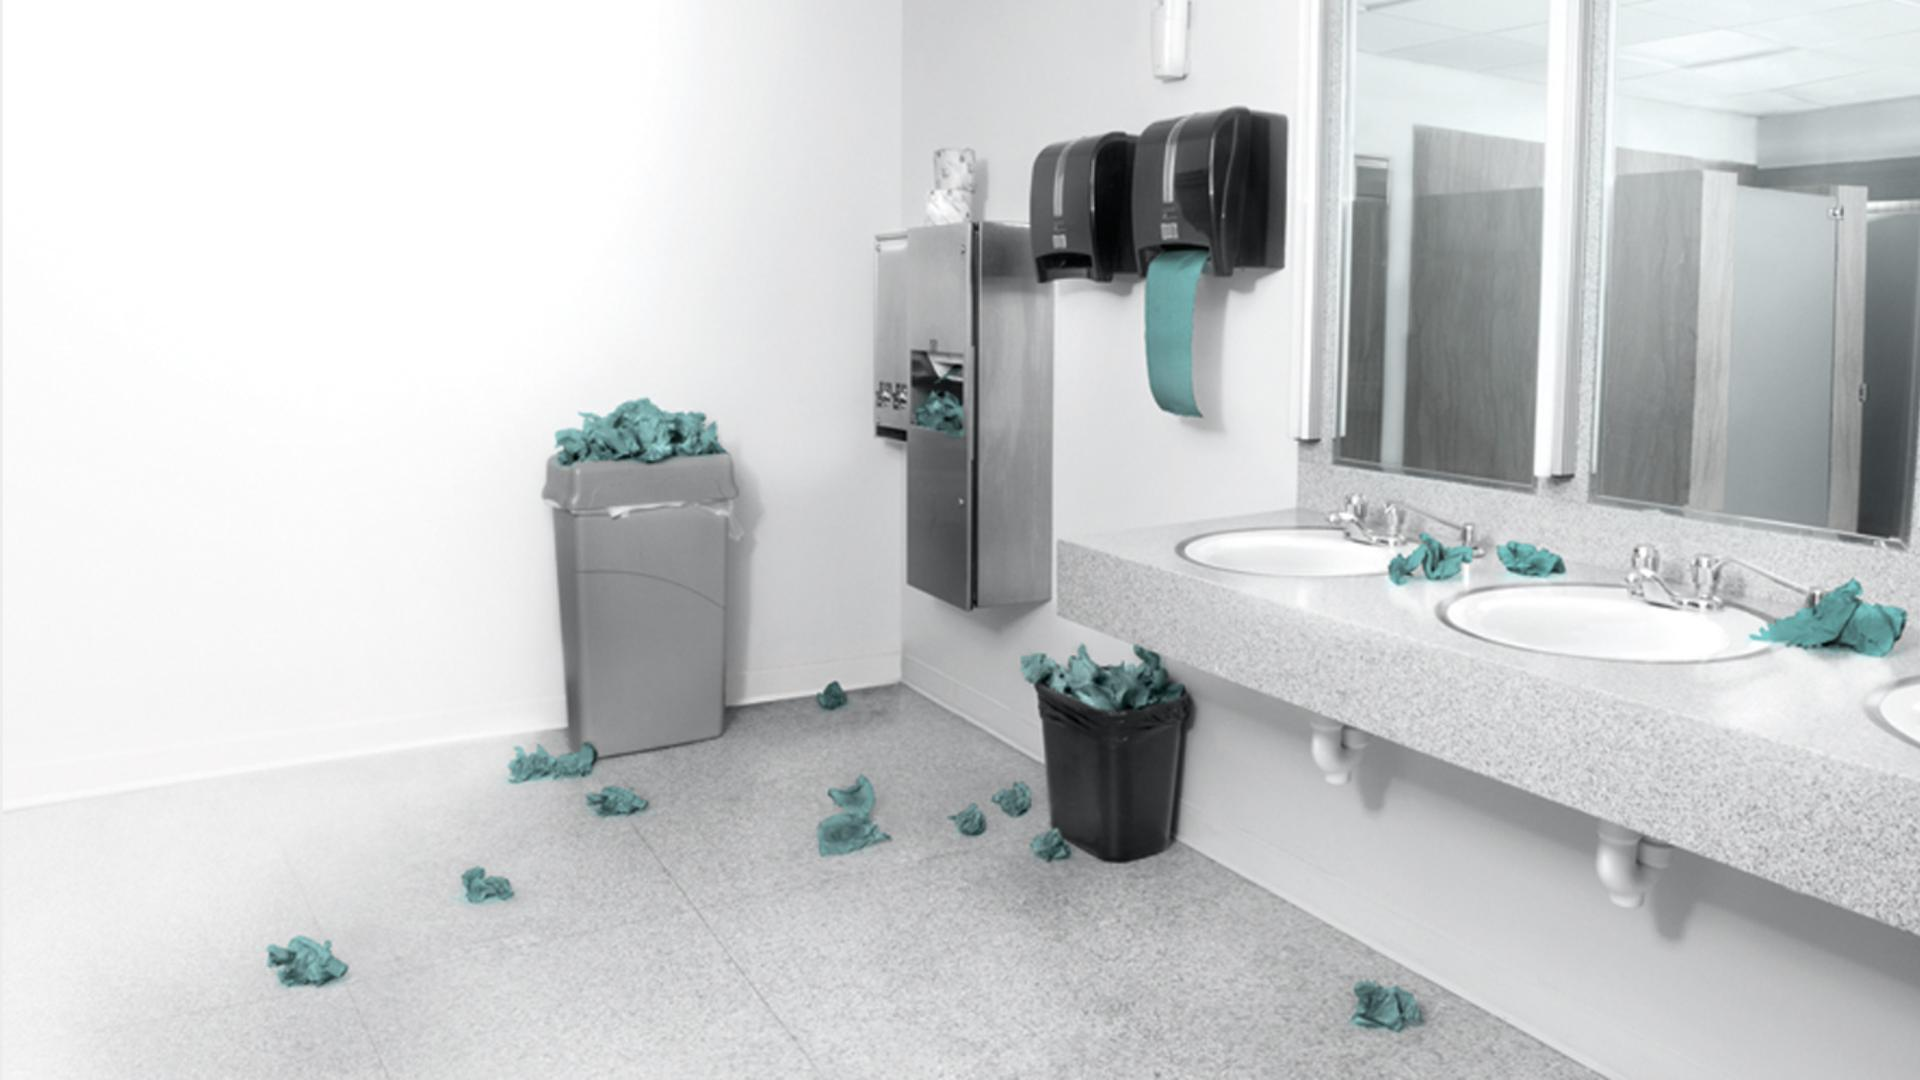 Spațiul de toaletă murdar